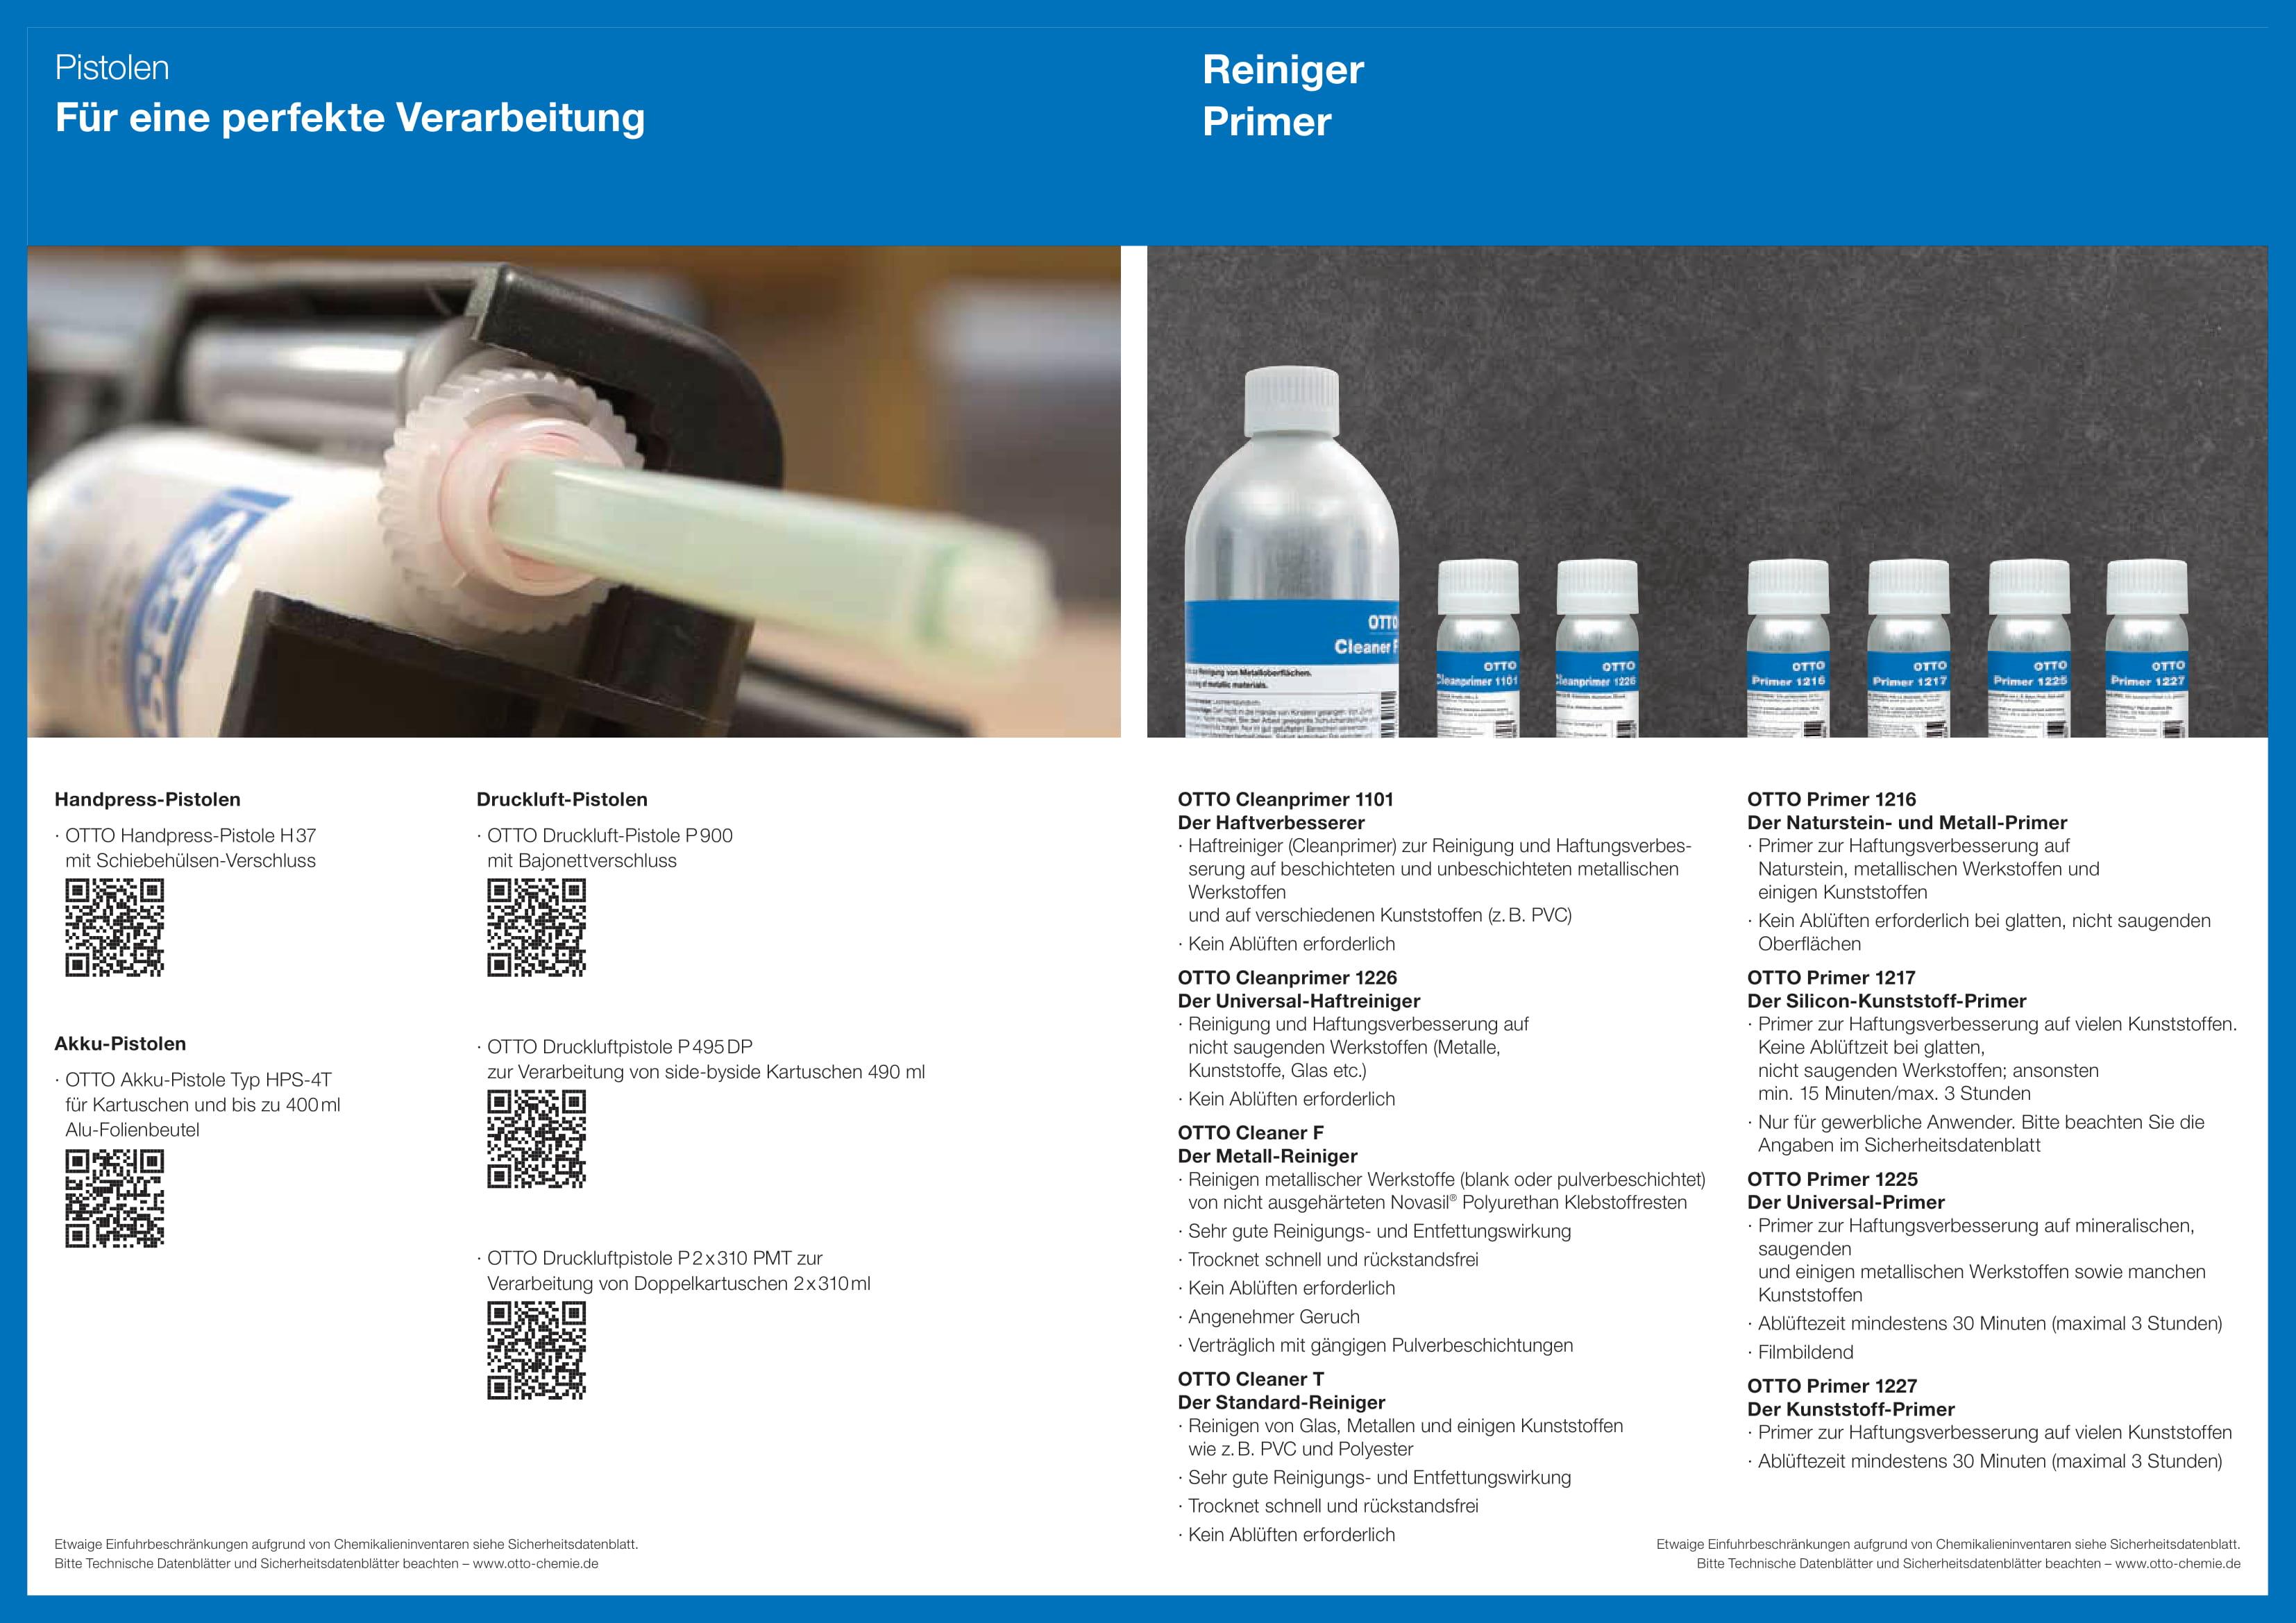 Produktinfo-Technischer_Handel_2019_low-10